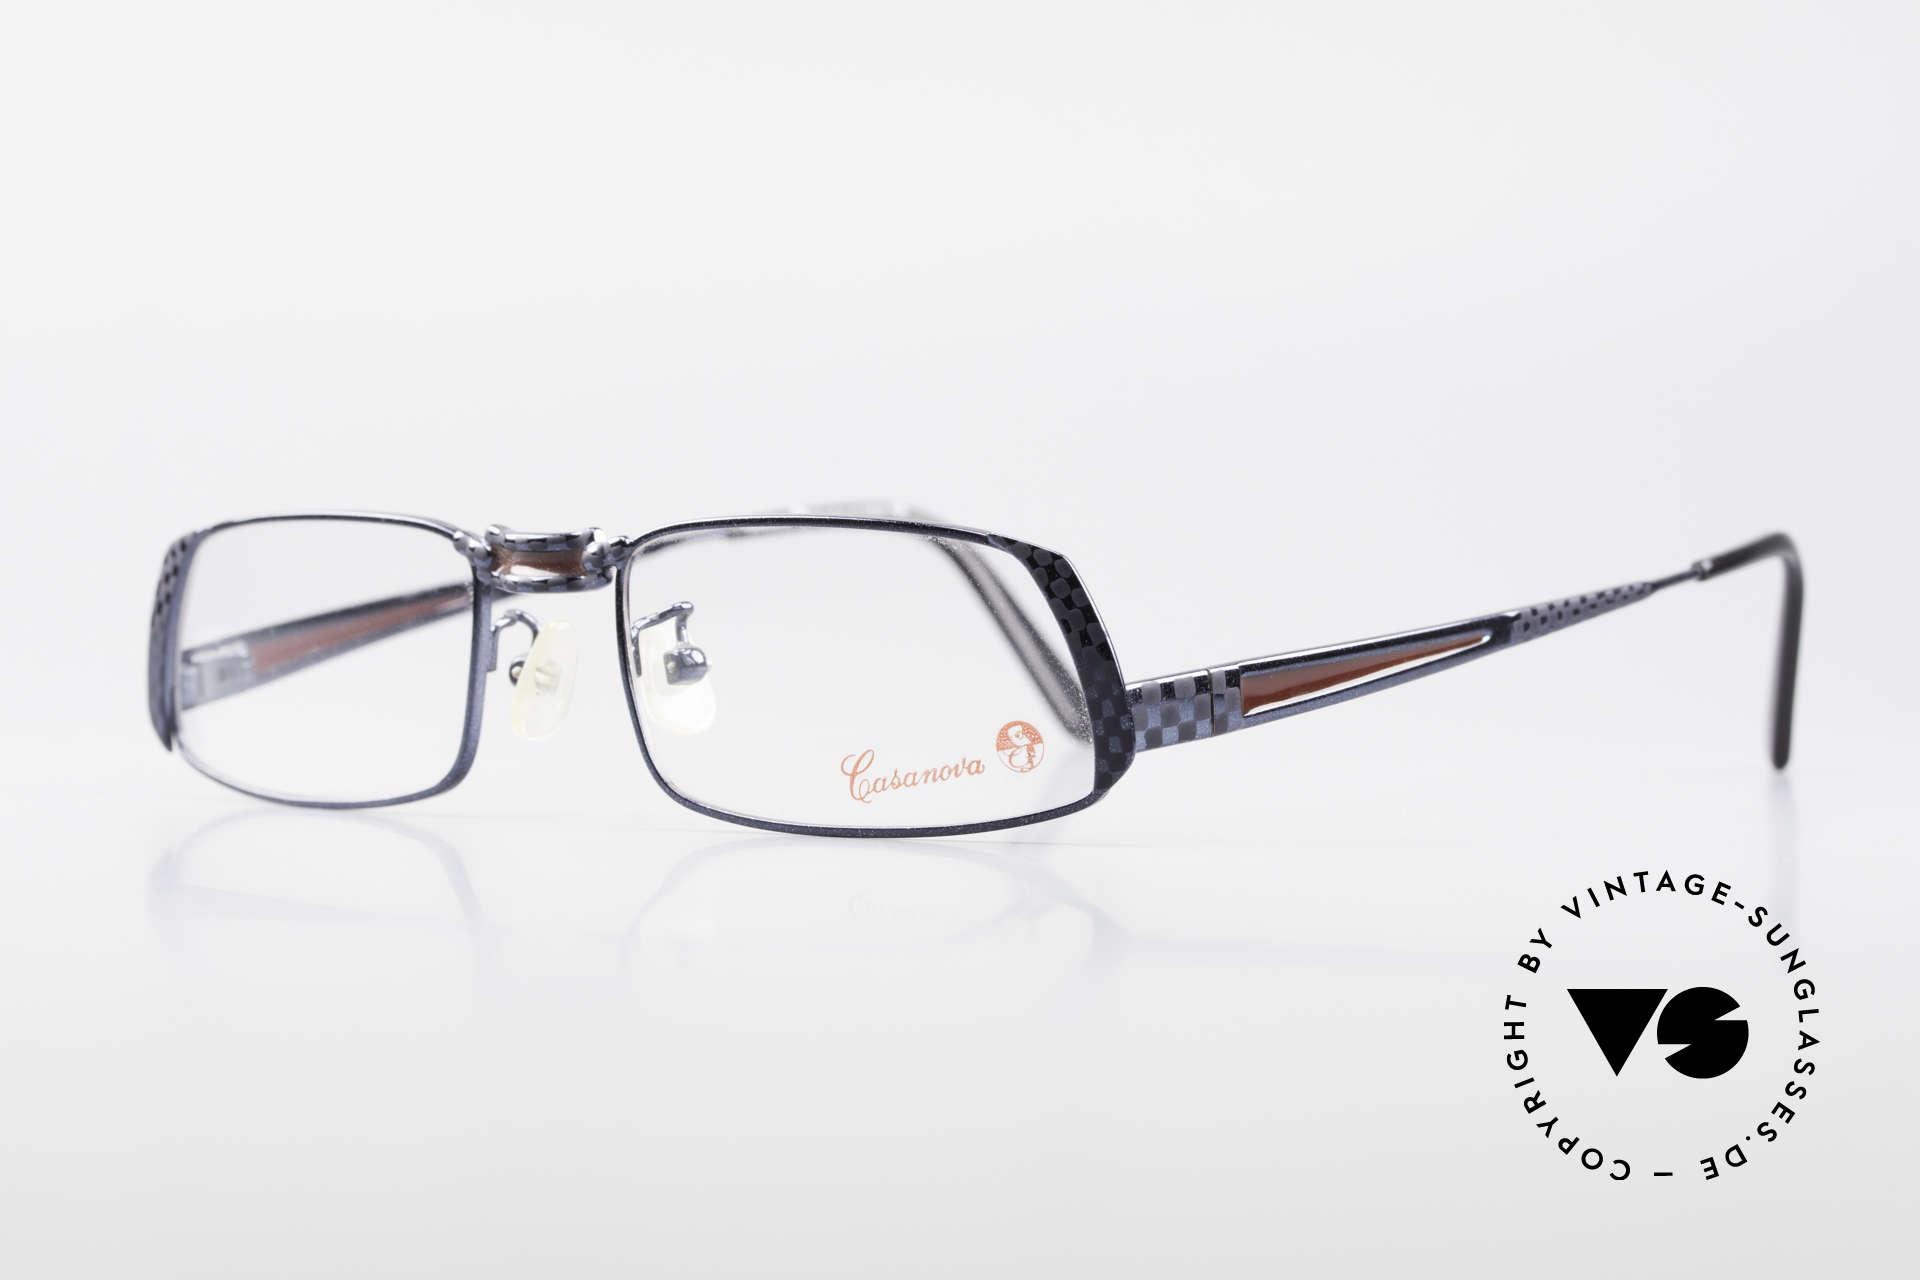 Casanova LC70 Alte Vintage Designer Brille, DUNKELBLAU metallic mit weinroten Deko-Elementen, Passend für Herren und Damen